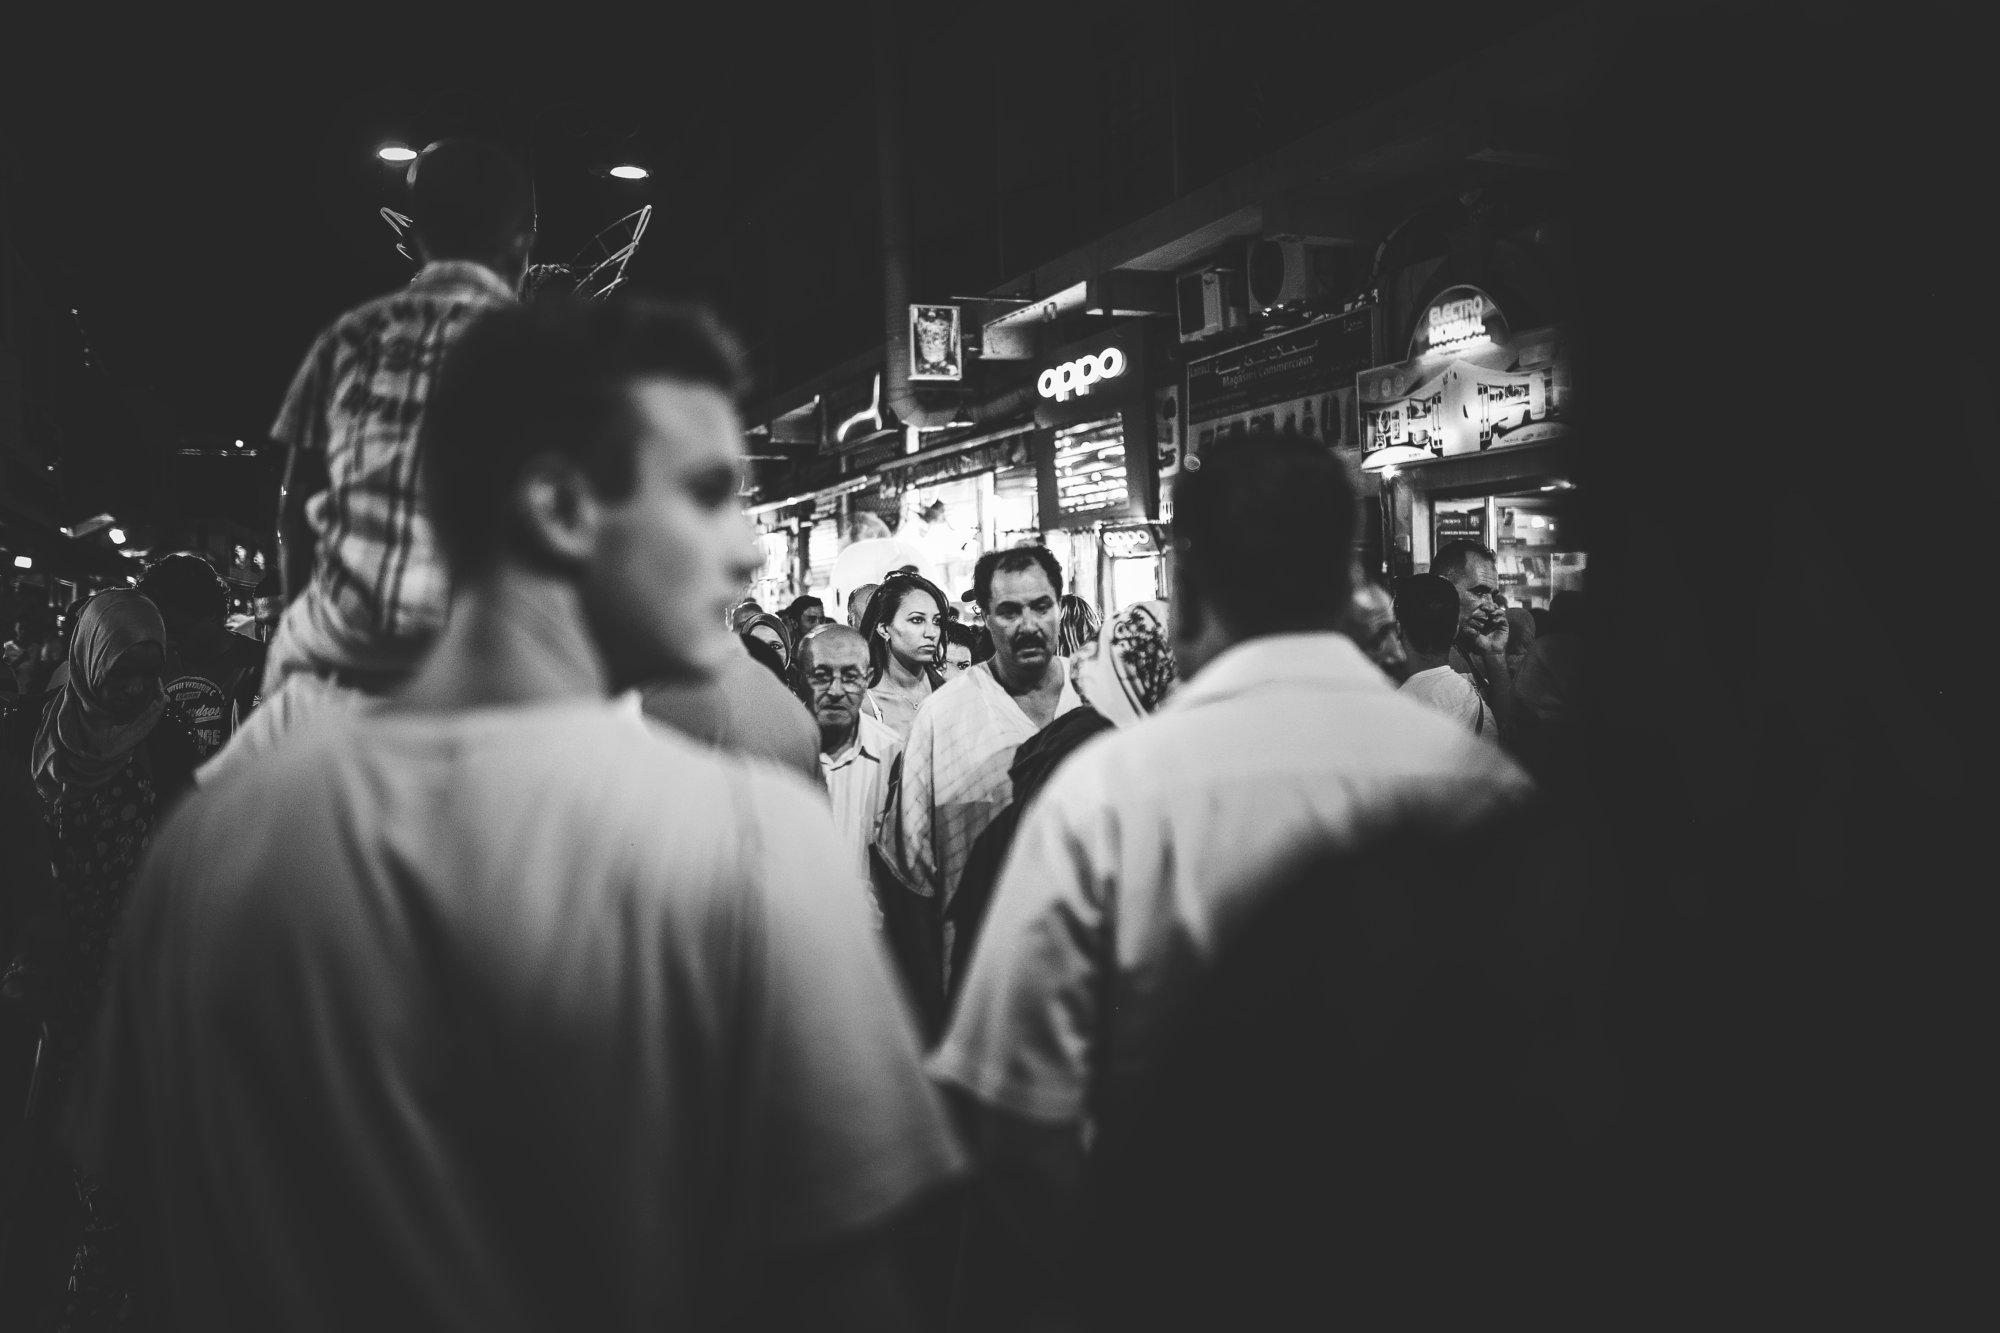 bw-marrakech-djemaaelfna-crowded-marokko-2016-mcu-ausflug